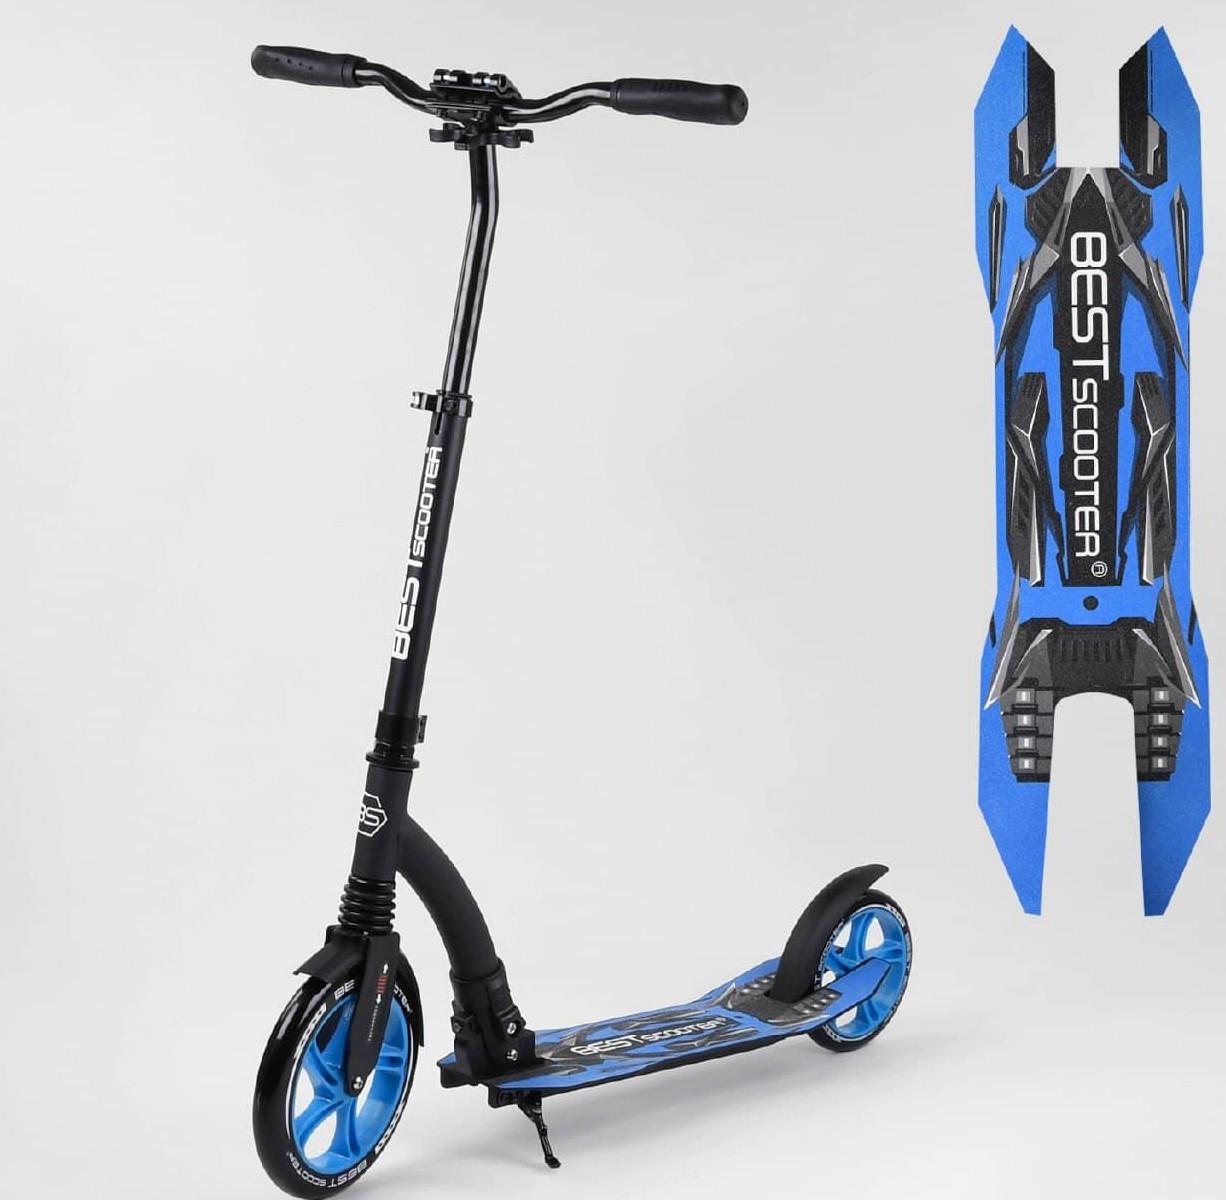 Самокат детский двухколесный Best Scooter, передний амортизатор, широкий руль, колеса PU